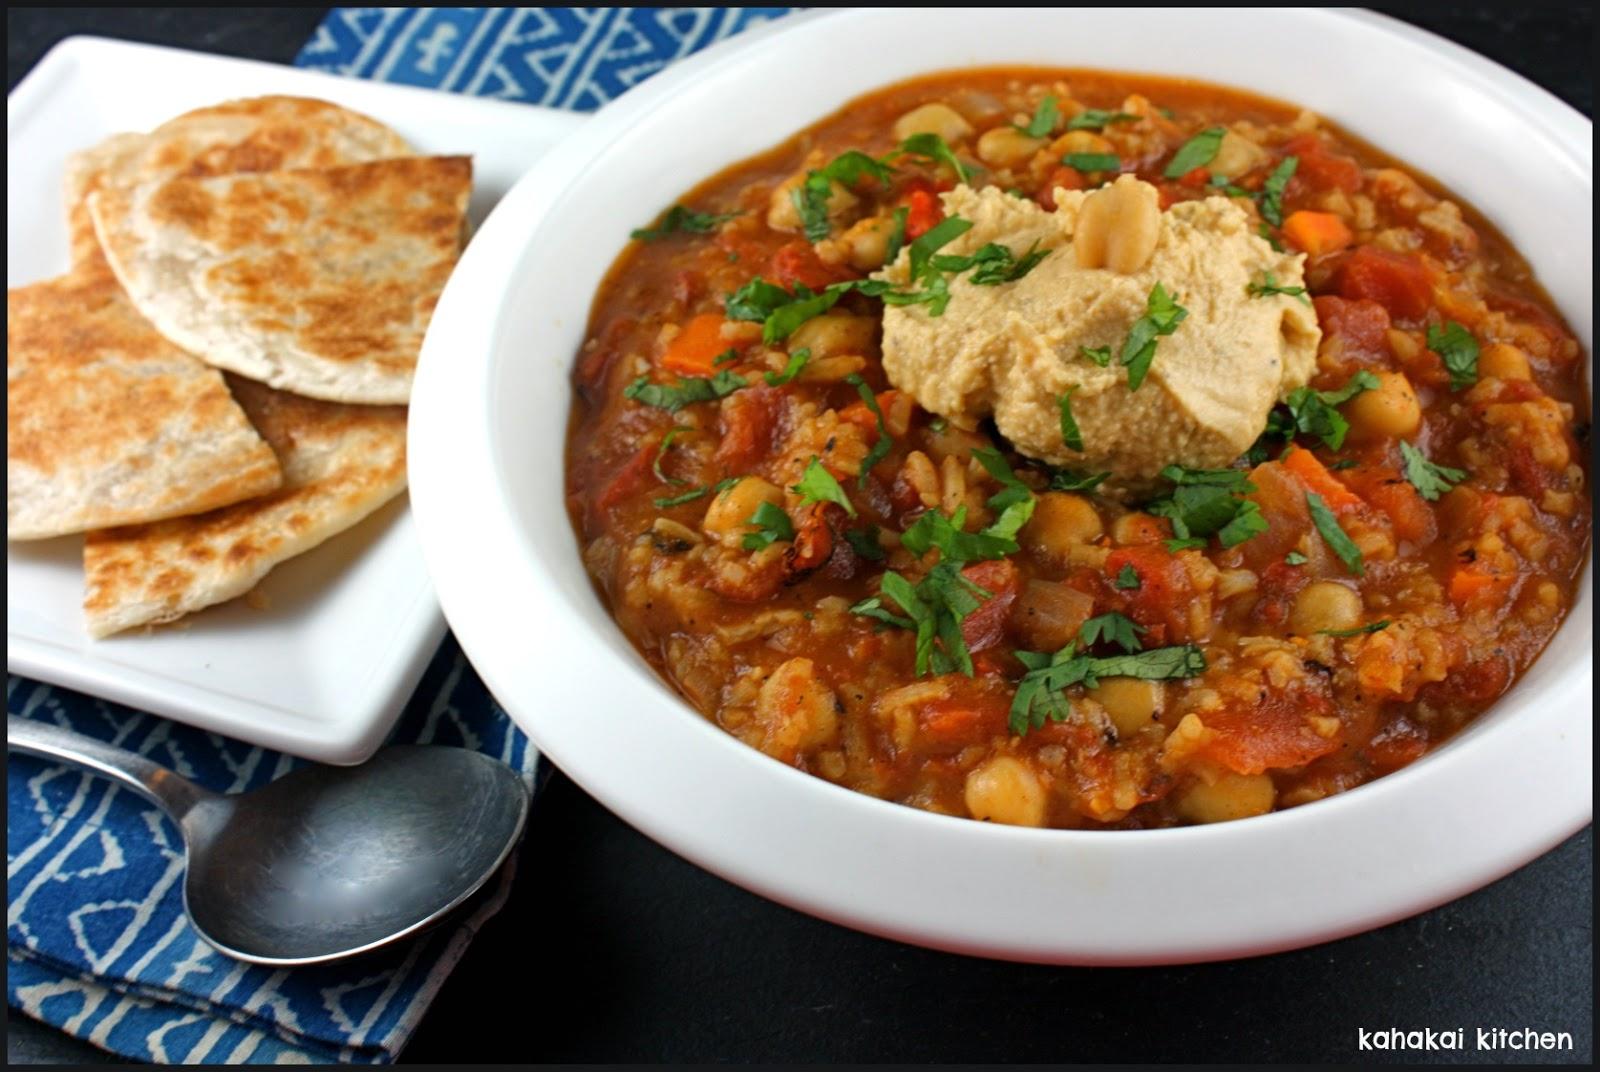 Kahakai Kitchen: Indian-Spiced Tomato, Rice, & Chickpea ...